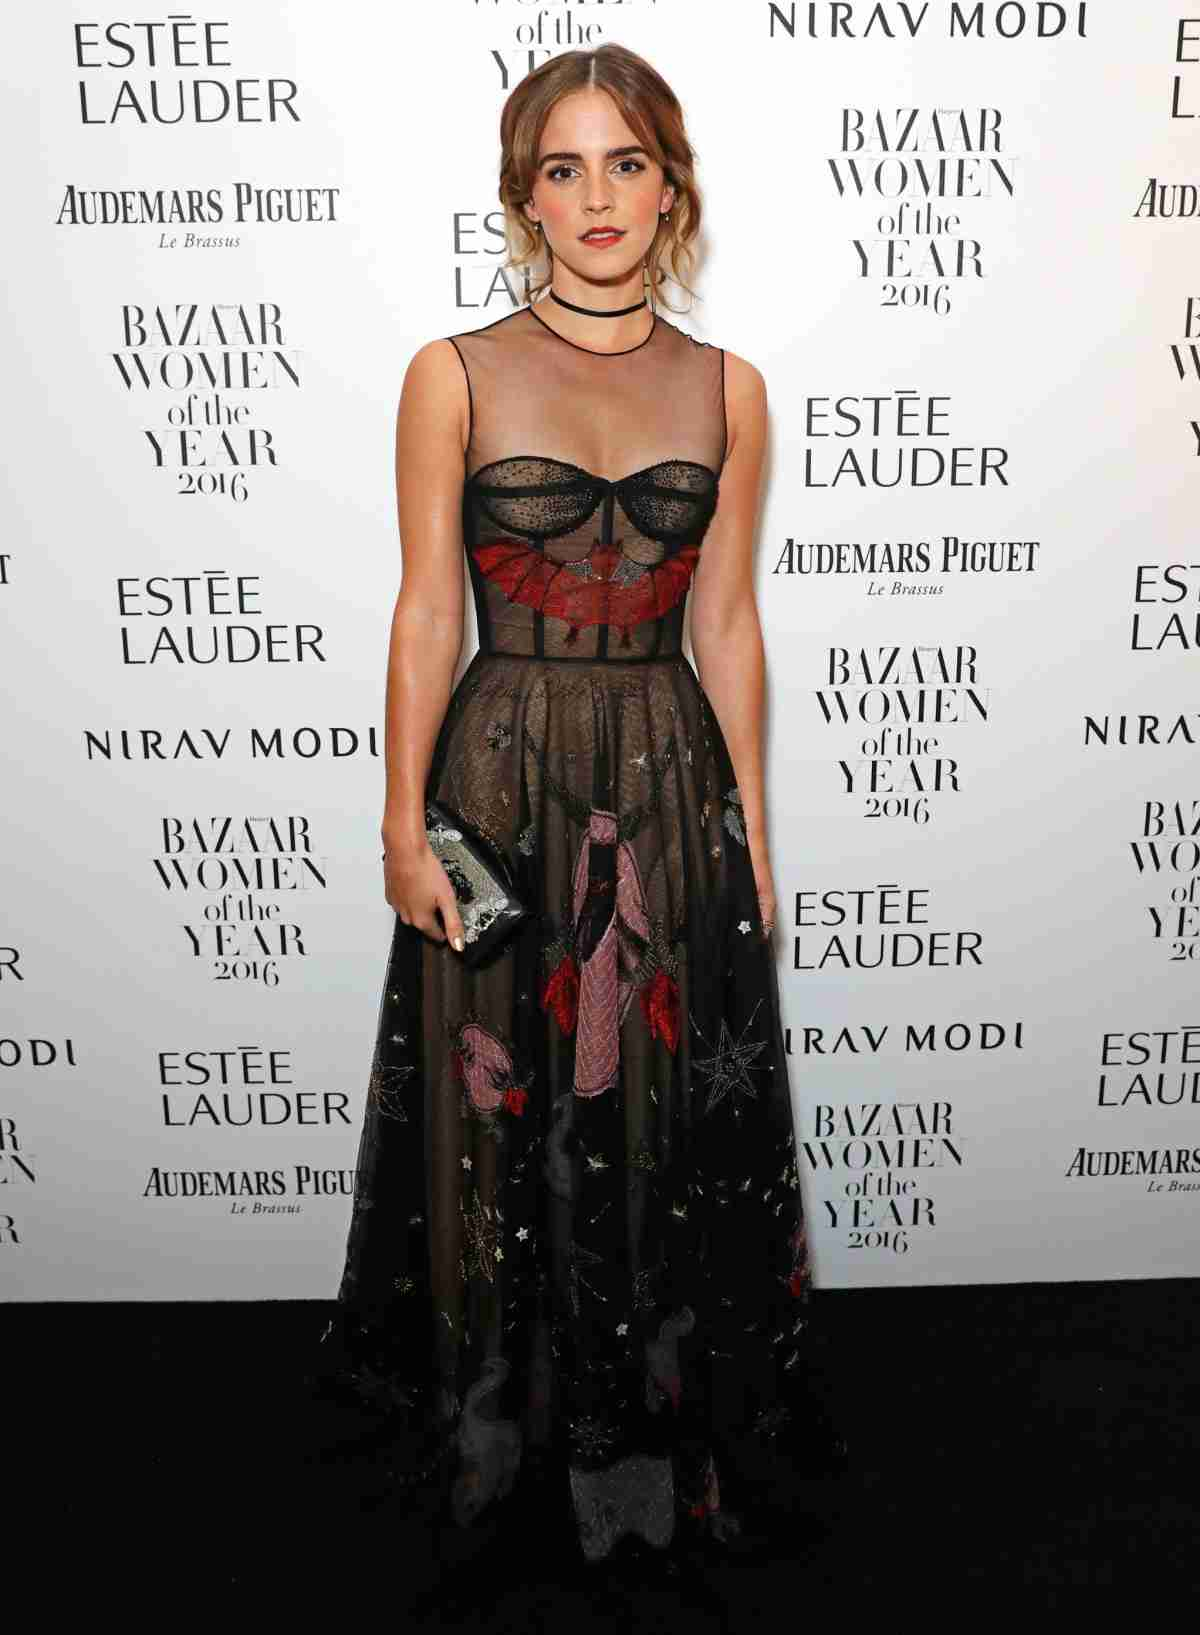 エマ・ワトソン透け感ドレスで魅了!ウーマン・オブ・ザ・イヤーに - シネマトゥデイ